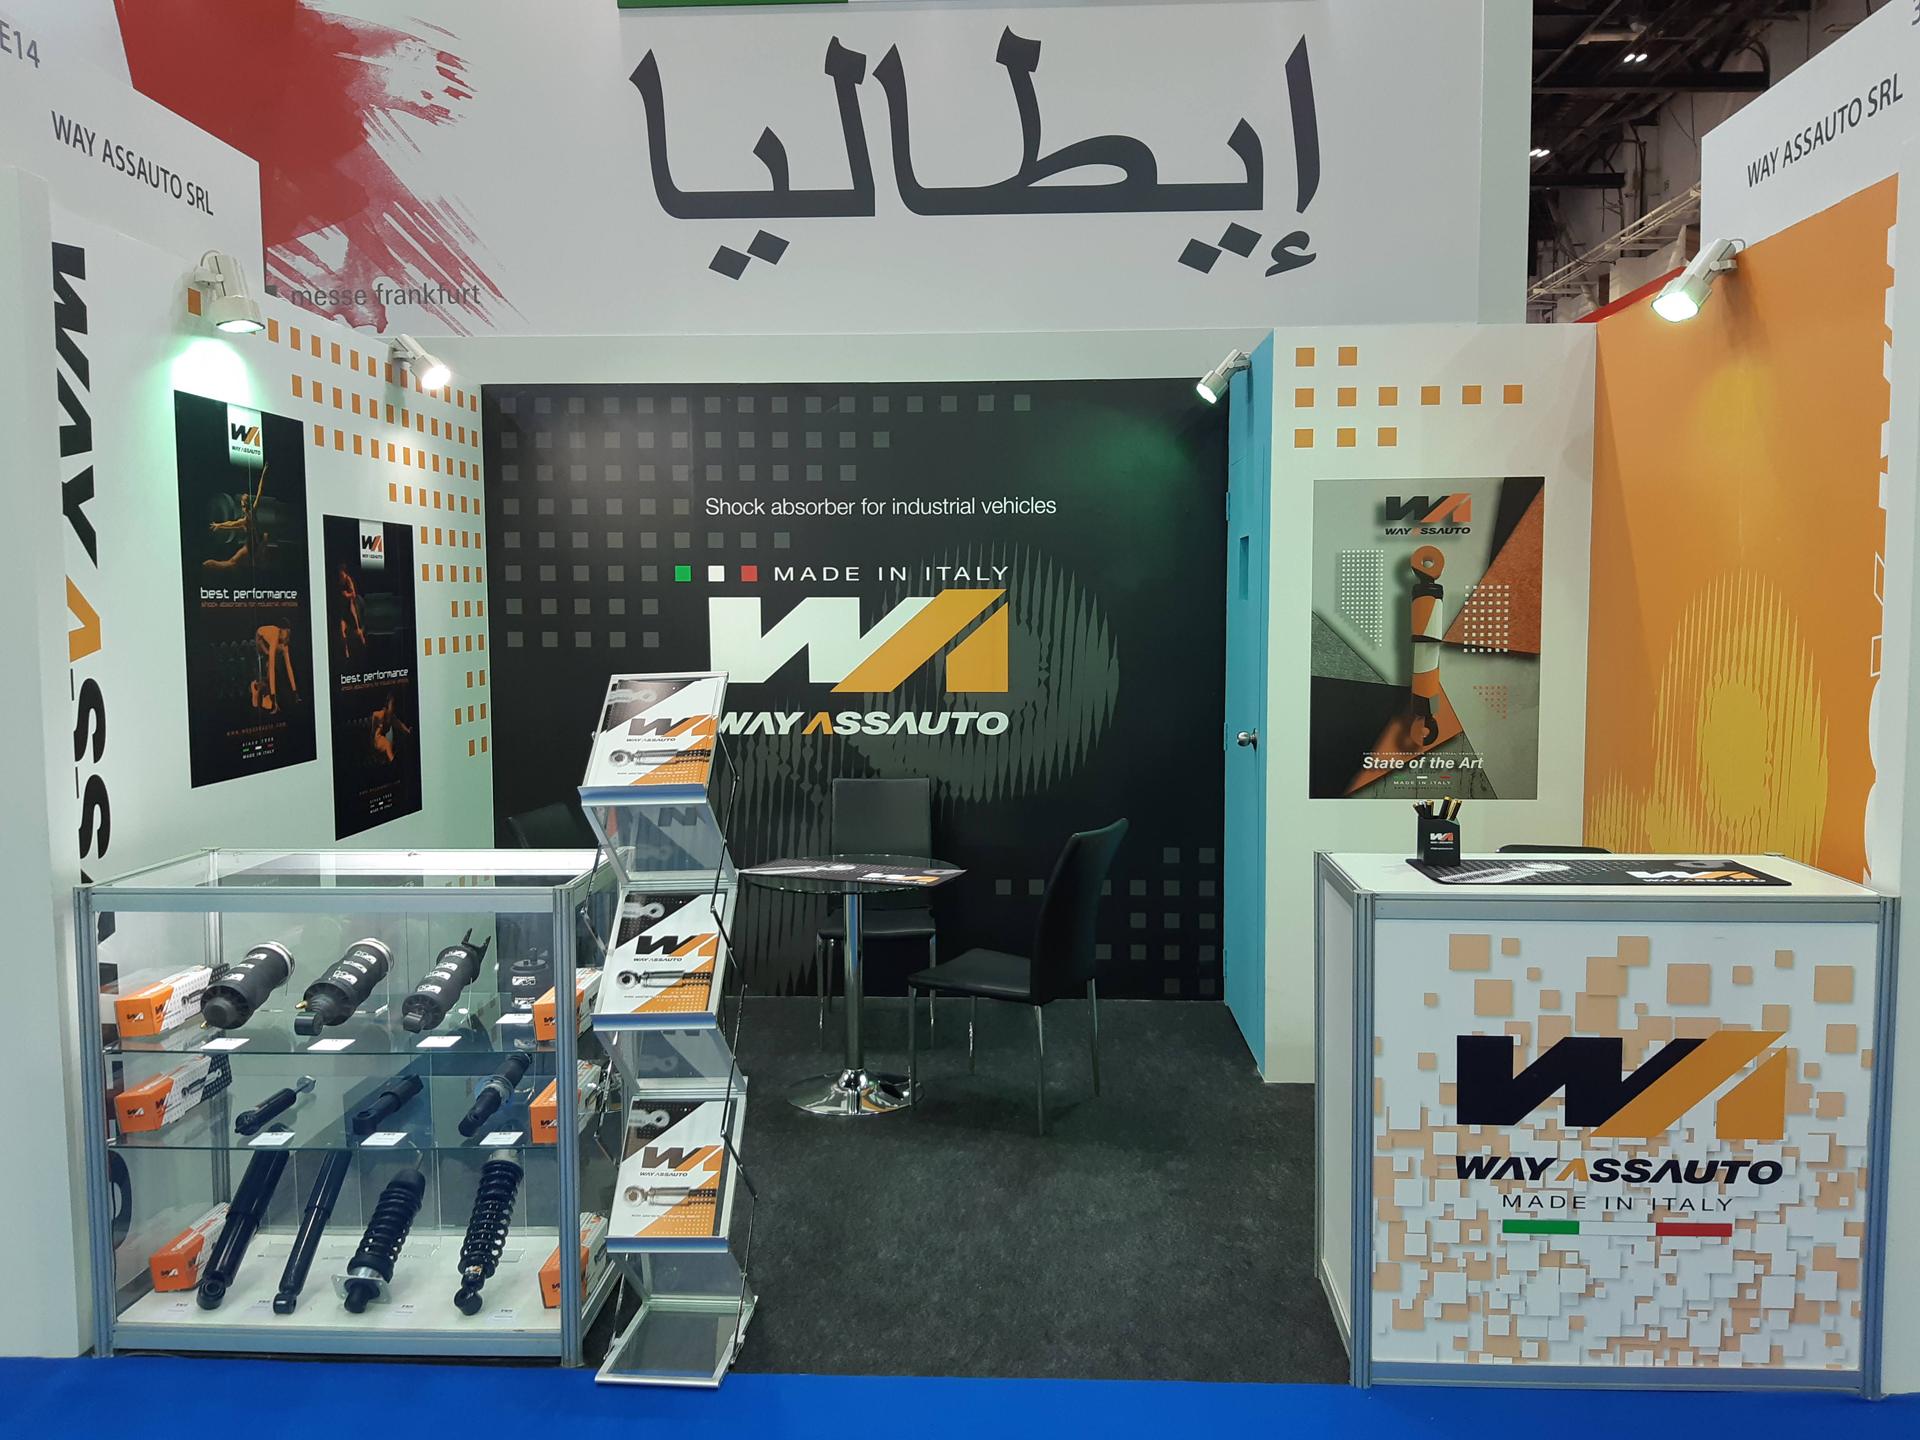 Way Assauto Automechanika Dubai 2019